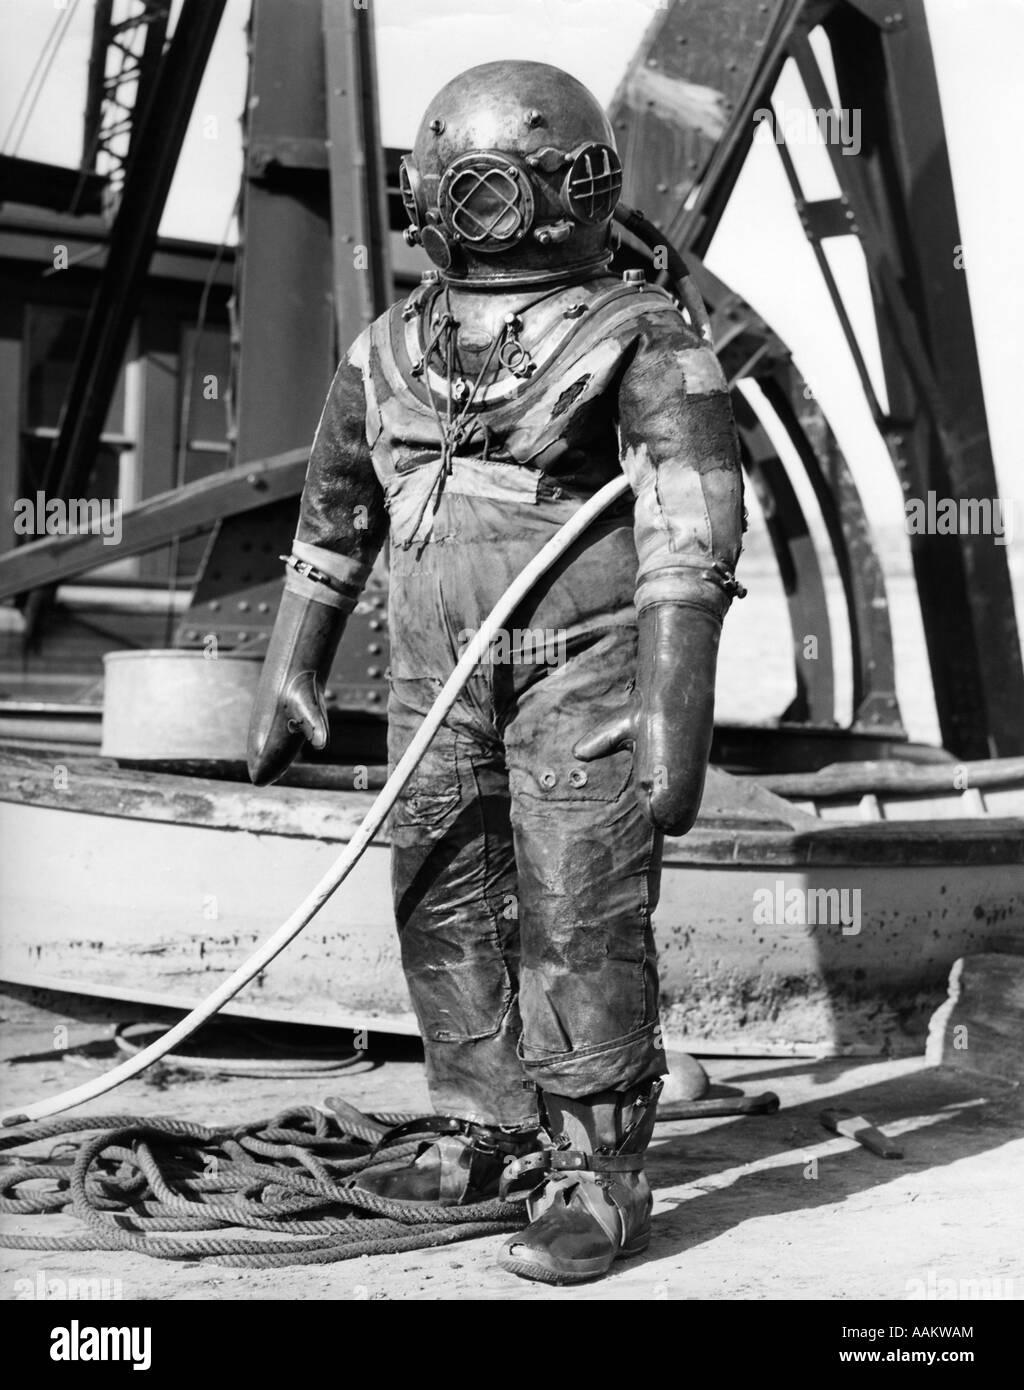 1930 1940 figura COMPLETA DEL HOMBRE EN HARD HAT SUBMARINA traje de buceo en mar profundo Imagen De Stock